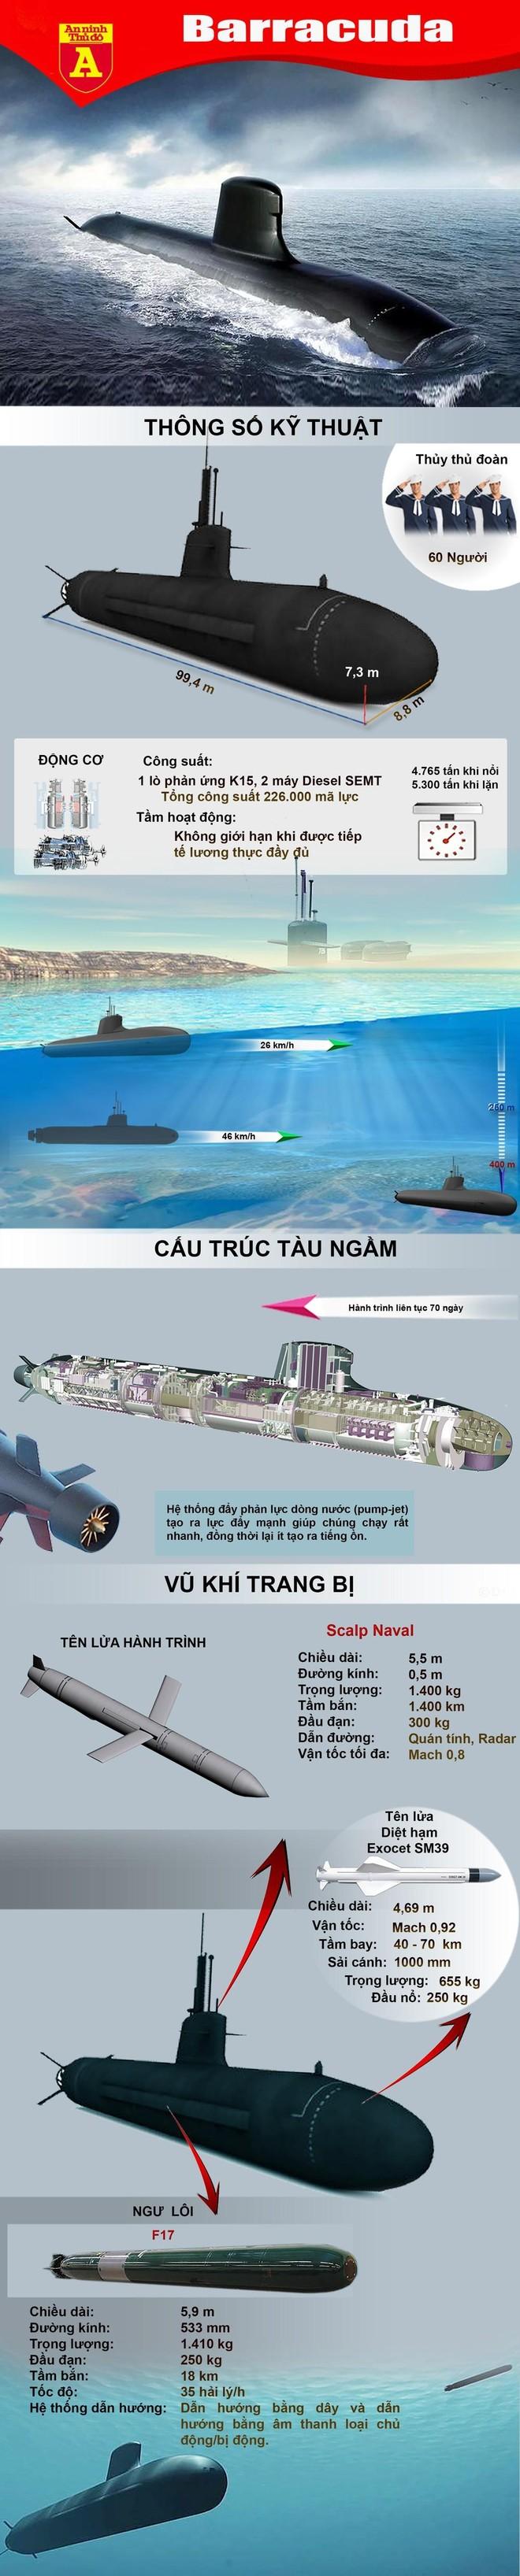 [Info] Loại tàu ngầm Pháp vừa trượt hợp đồng thế kỷ tại Australia vào tay Mỹ và Anh ảnh 7